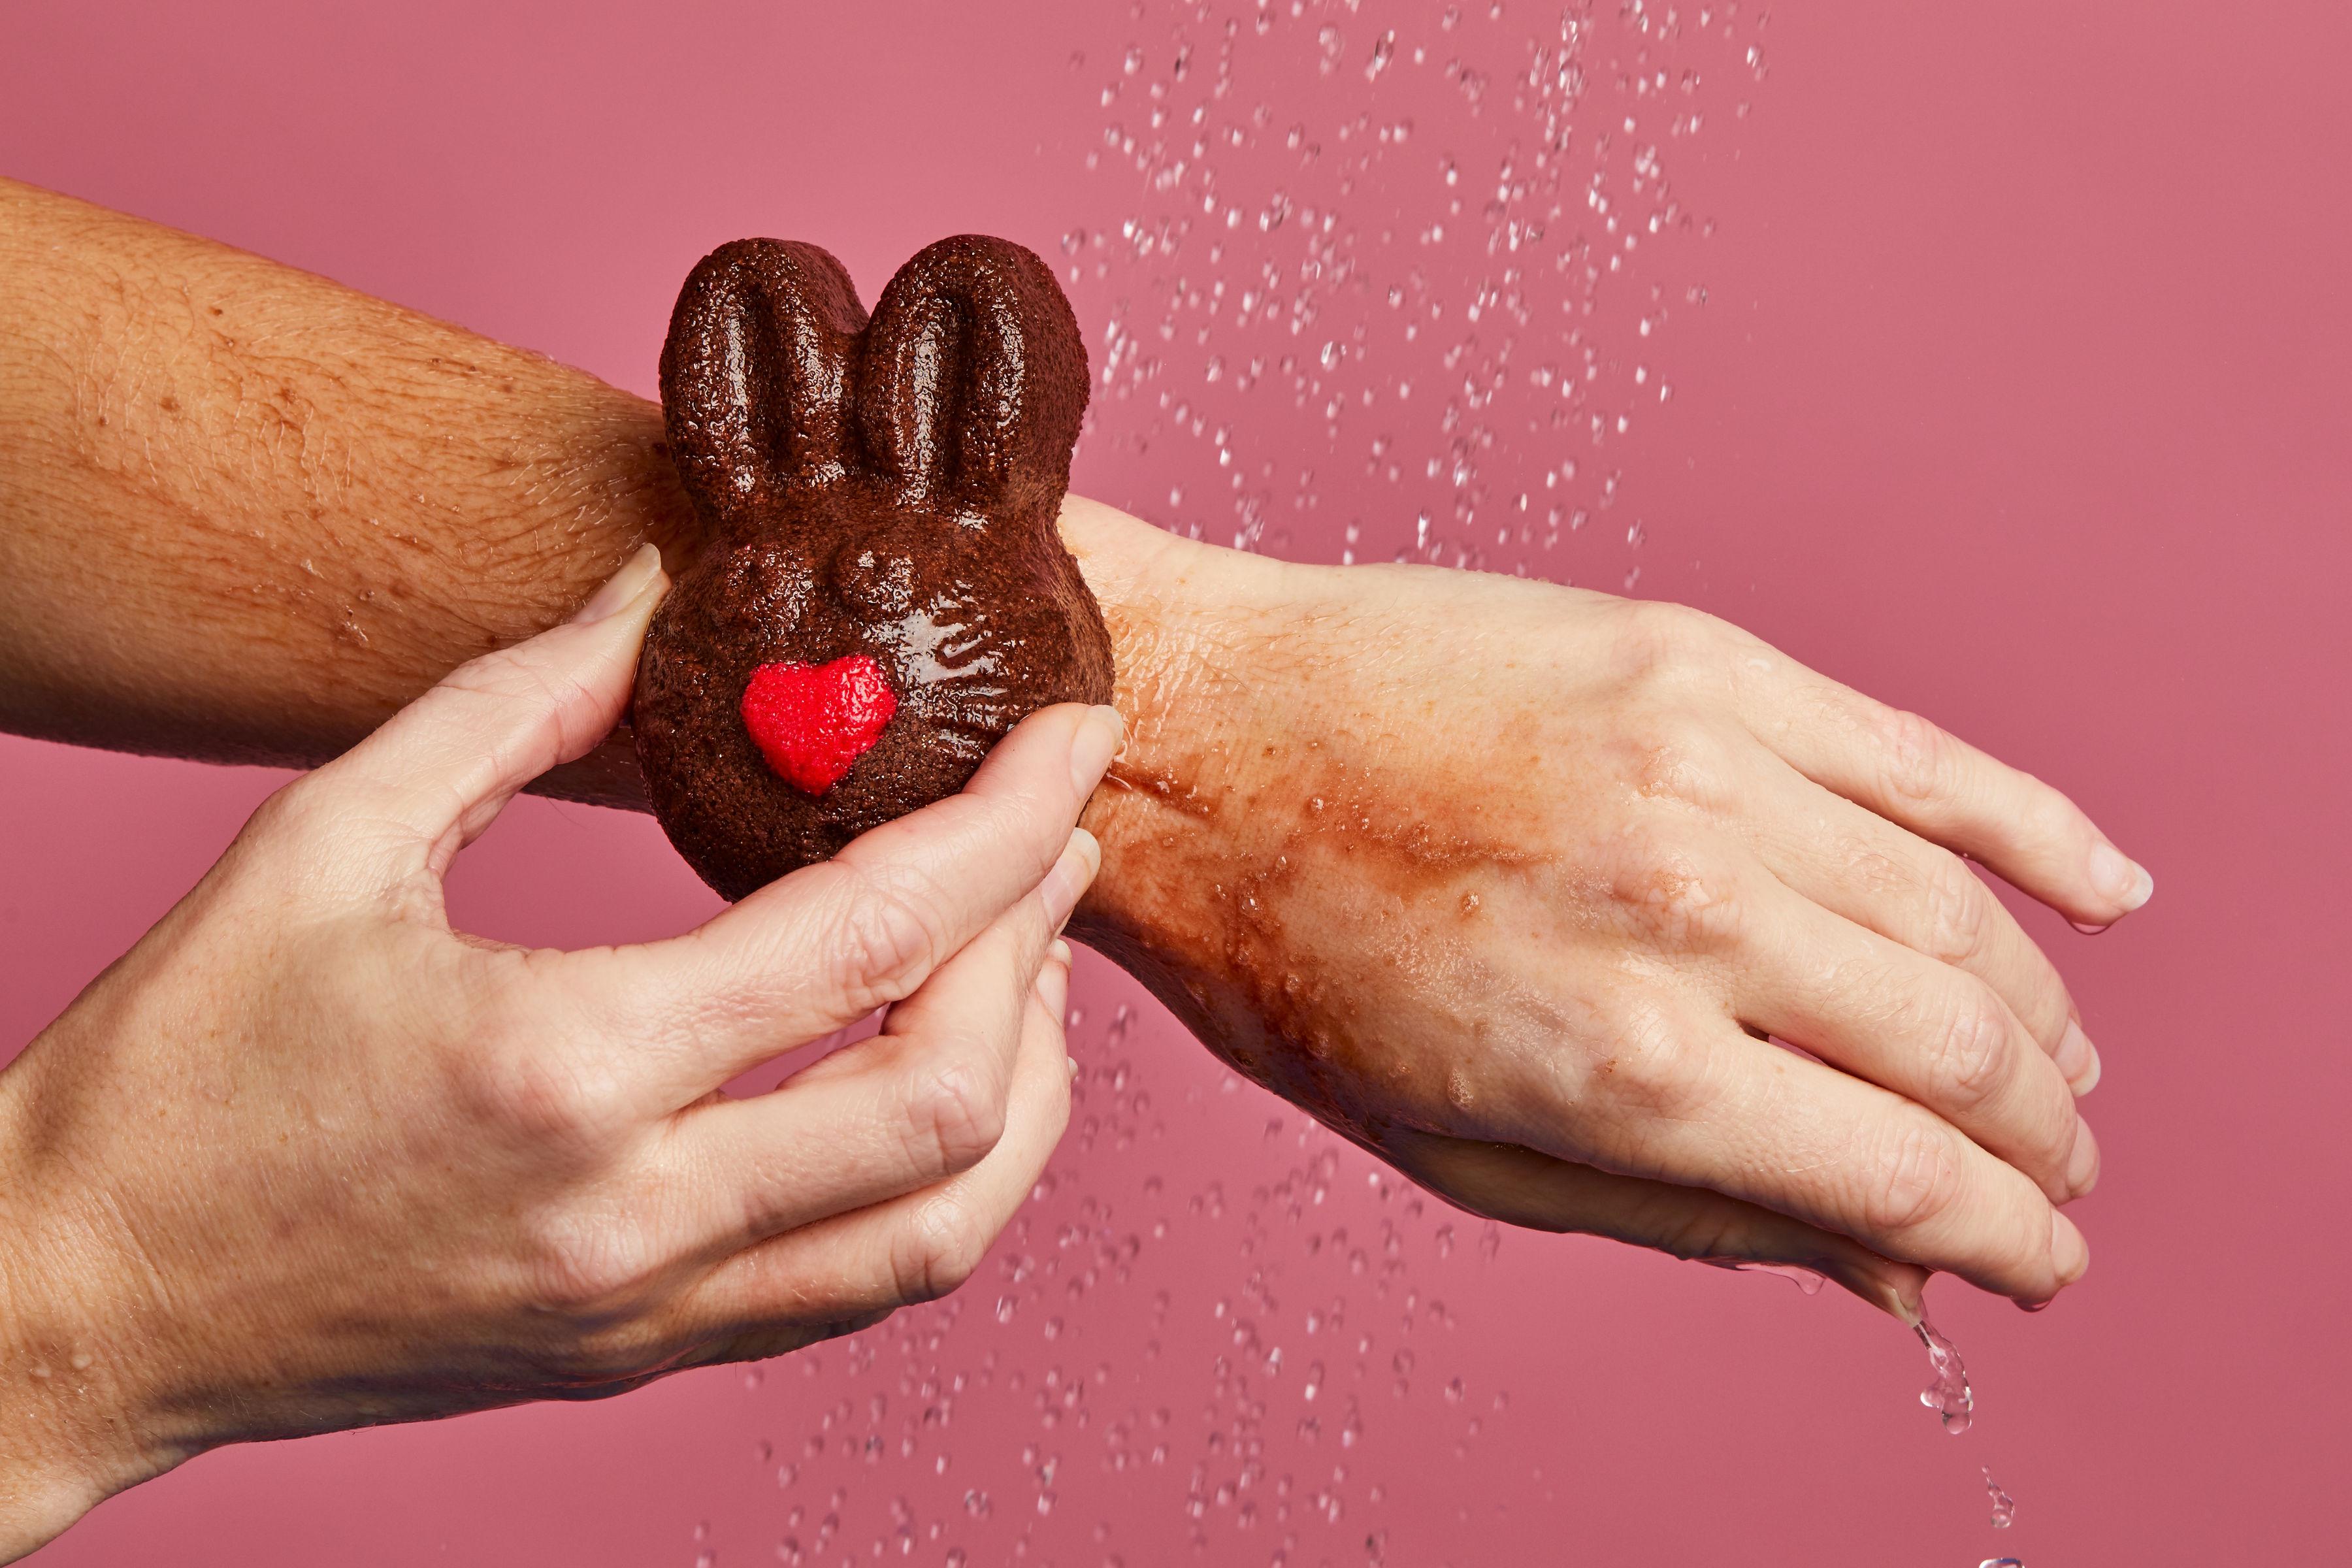 La nouvelle collection de Lush donne trop hâte au long week-end de Pâques